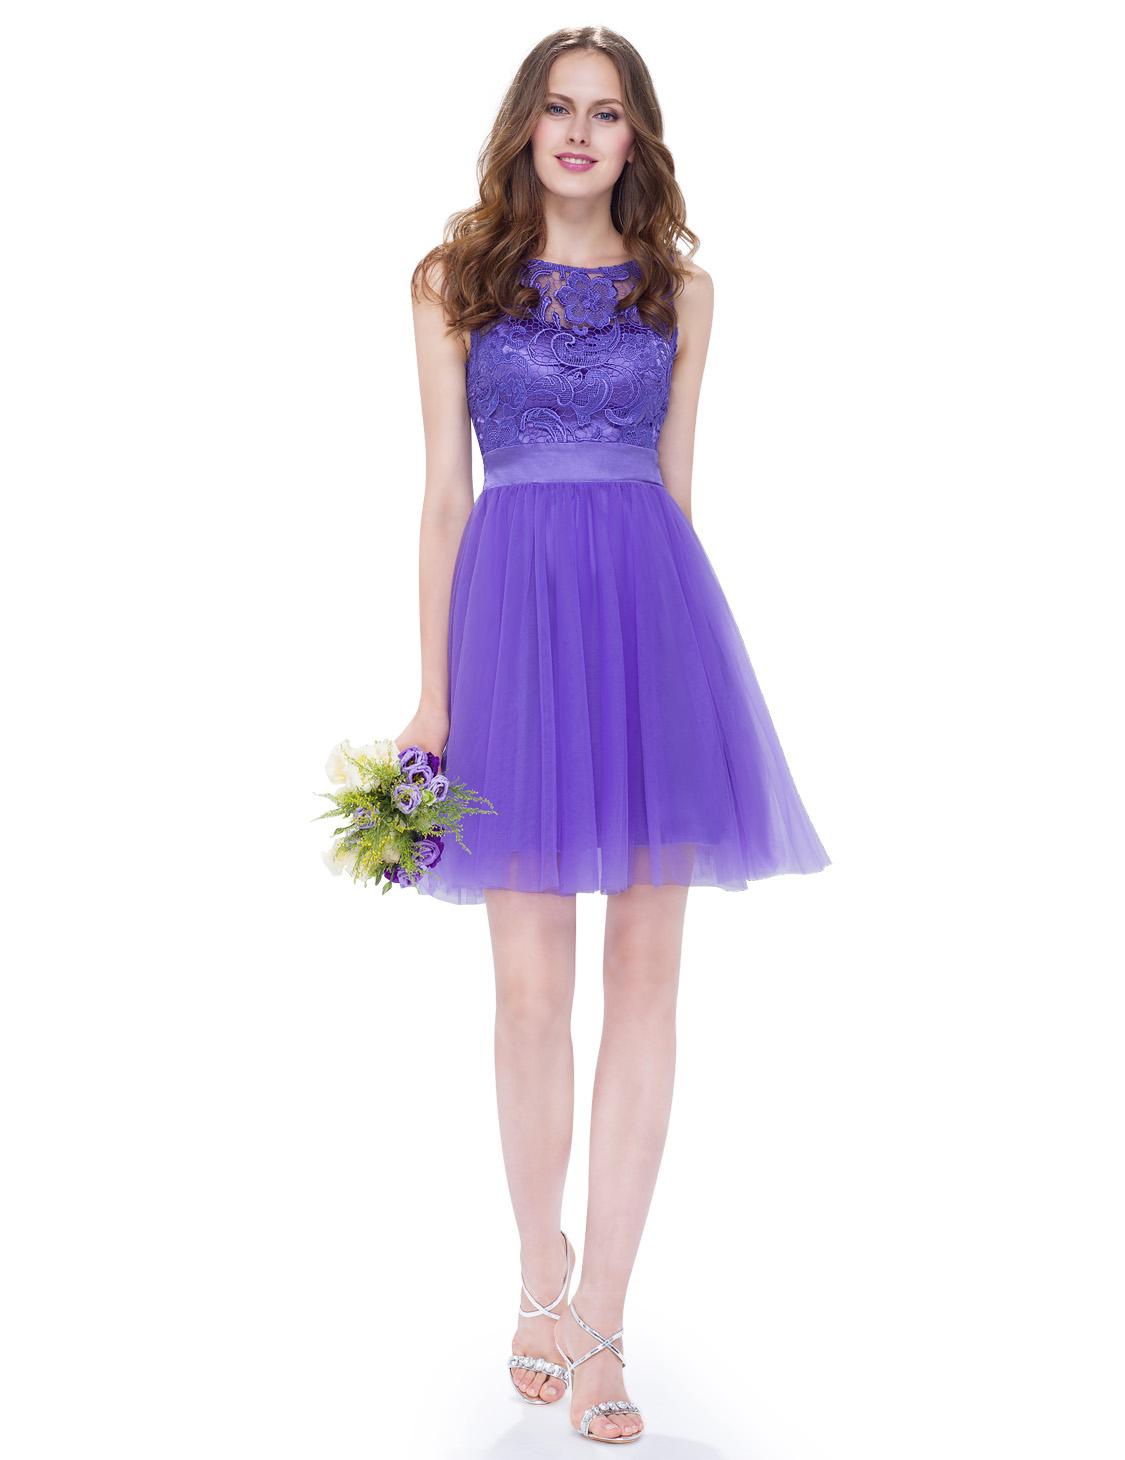 Modré krátké plesové šaty s baletkovskou sukní 44 XXL  cf5d7e8662